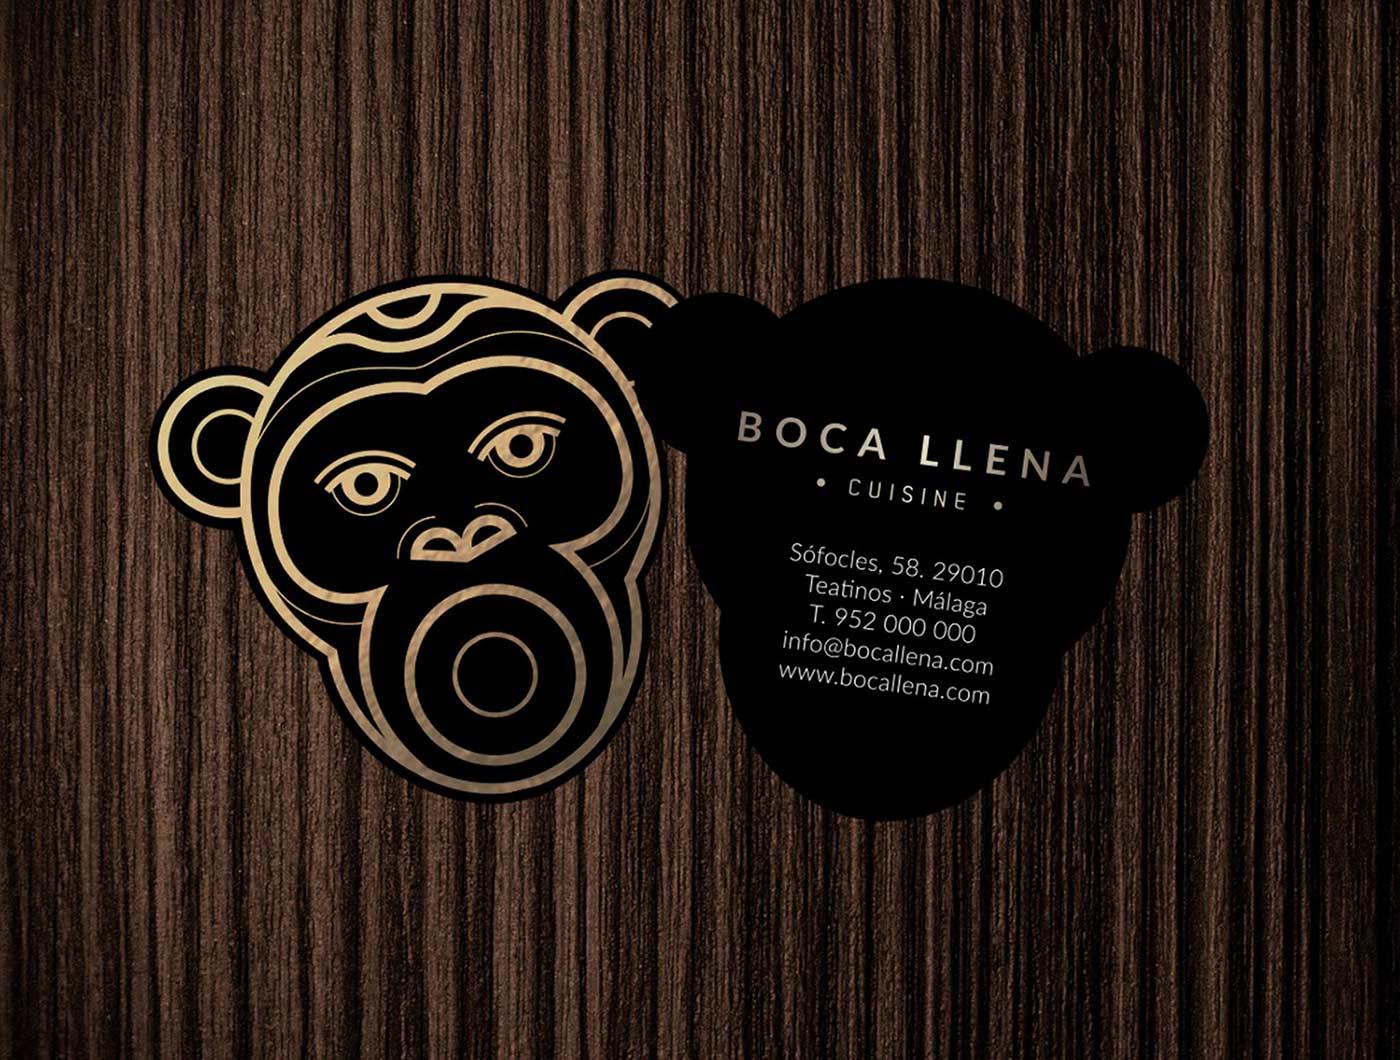 Impresión de tarjetas de lujo con estampación dorada y troquel para restaurantes